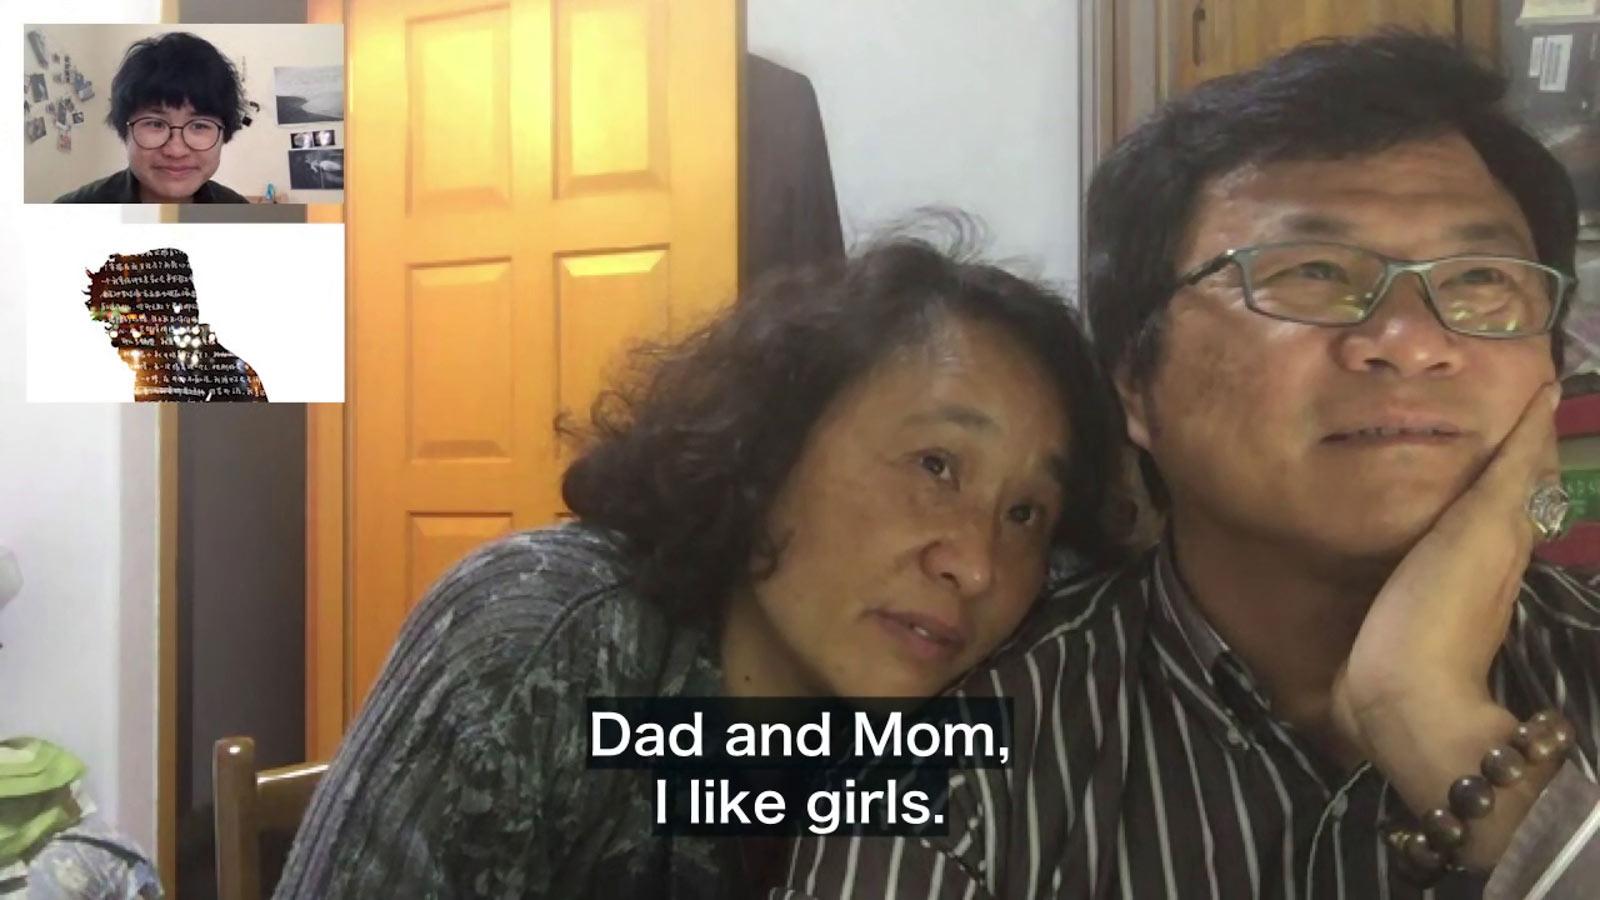 曹梦雯,《我们在这里》视频截图,2016年。图片由艺术家提供。